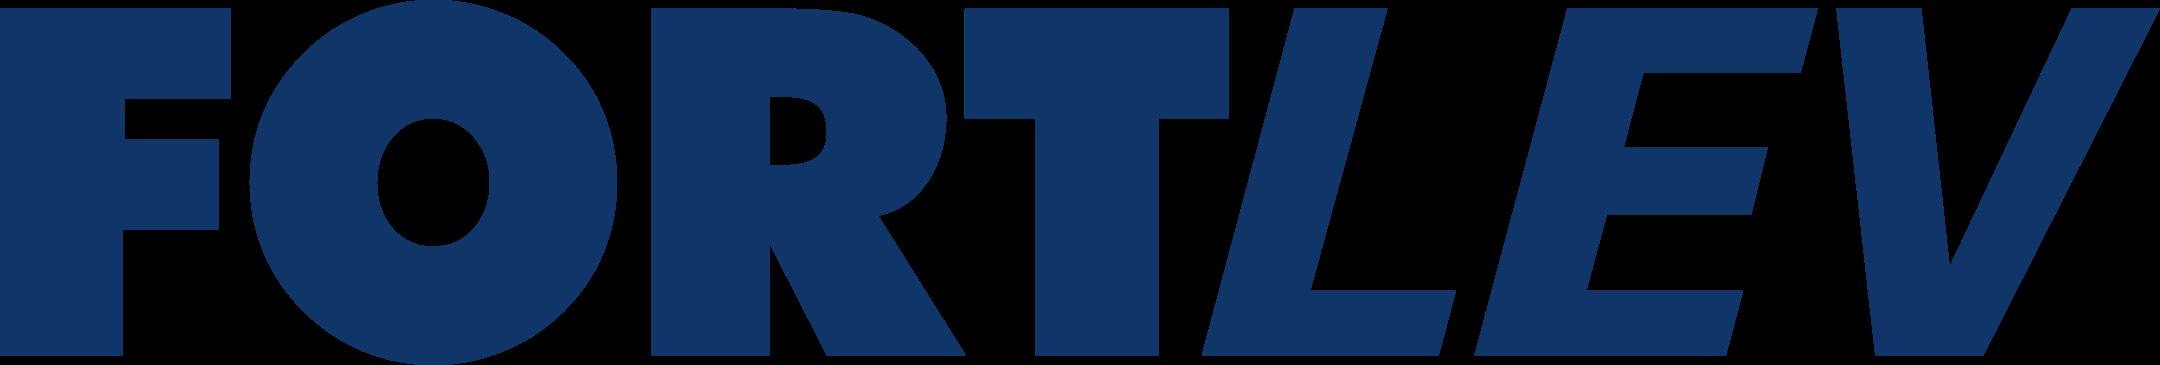 fortlev logo 1 - Fortlev Logo